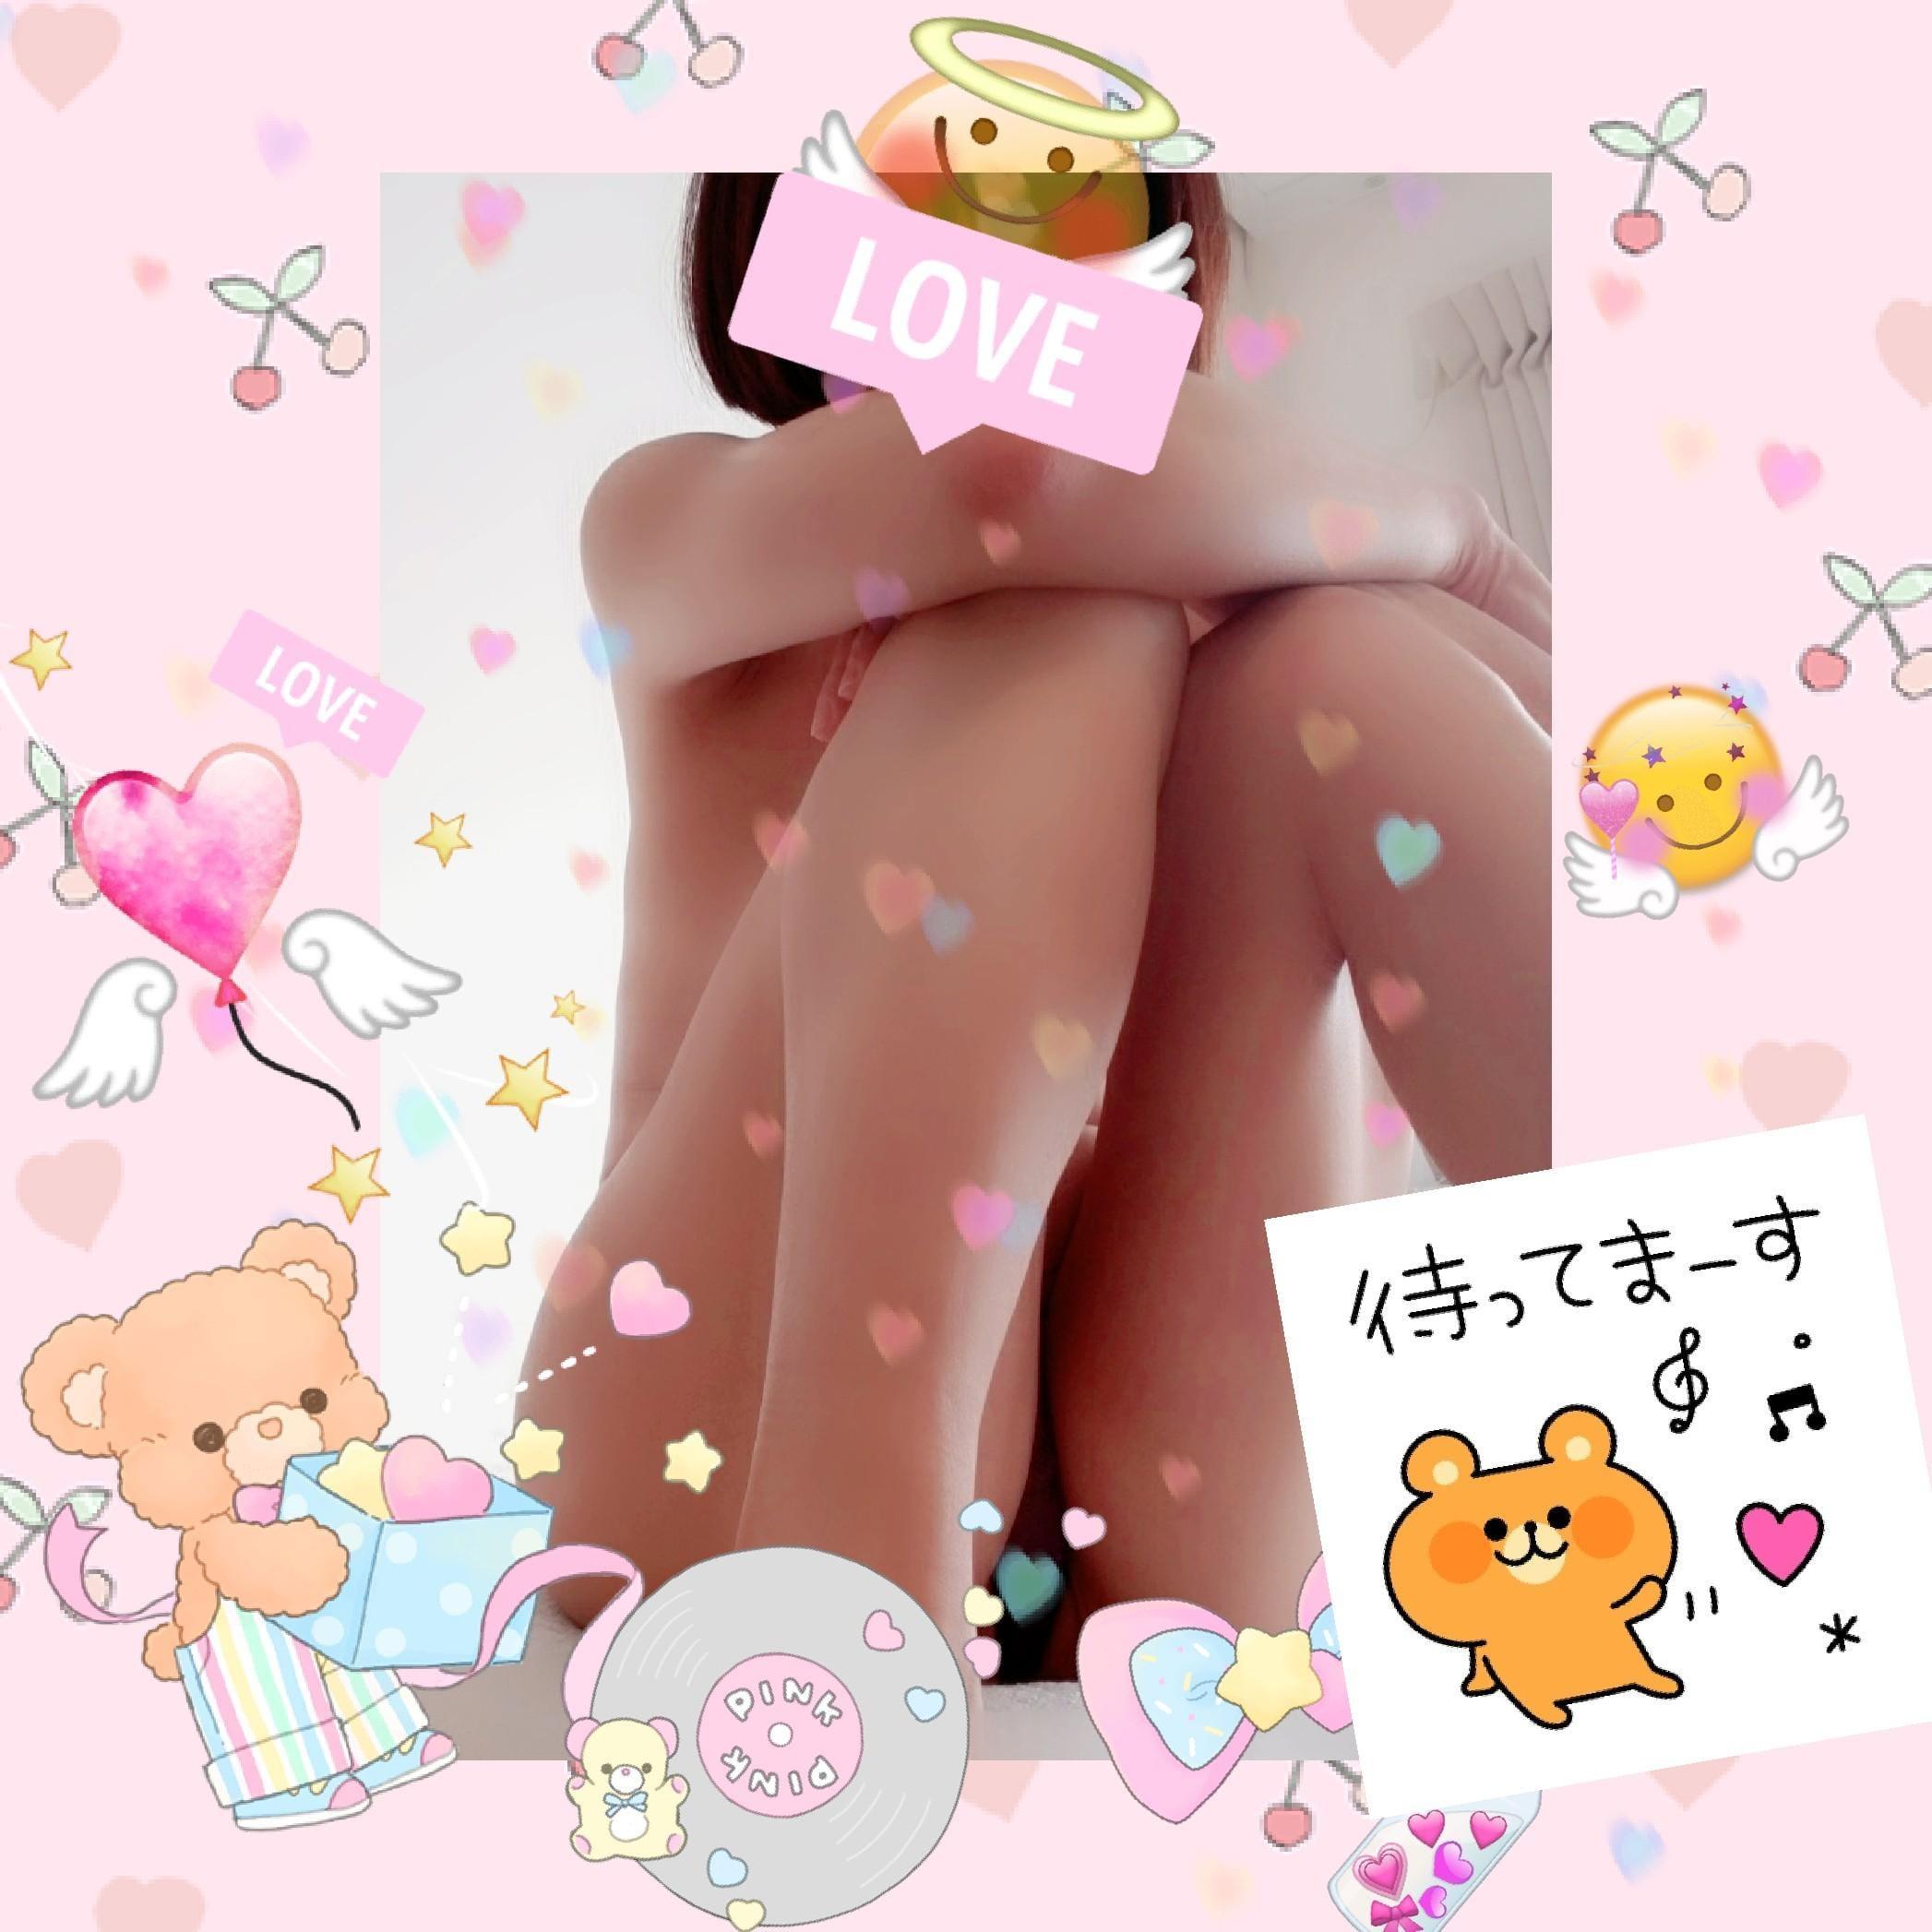 「起きました」07/31(火) 09:24 | 安西ひろみの写メ・風俗動画